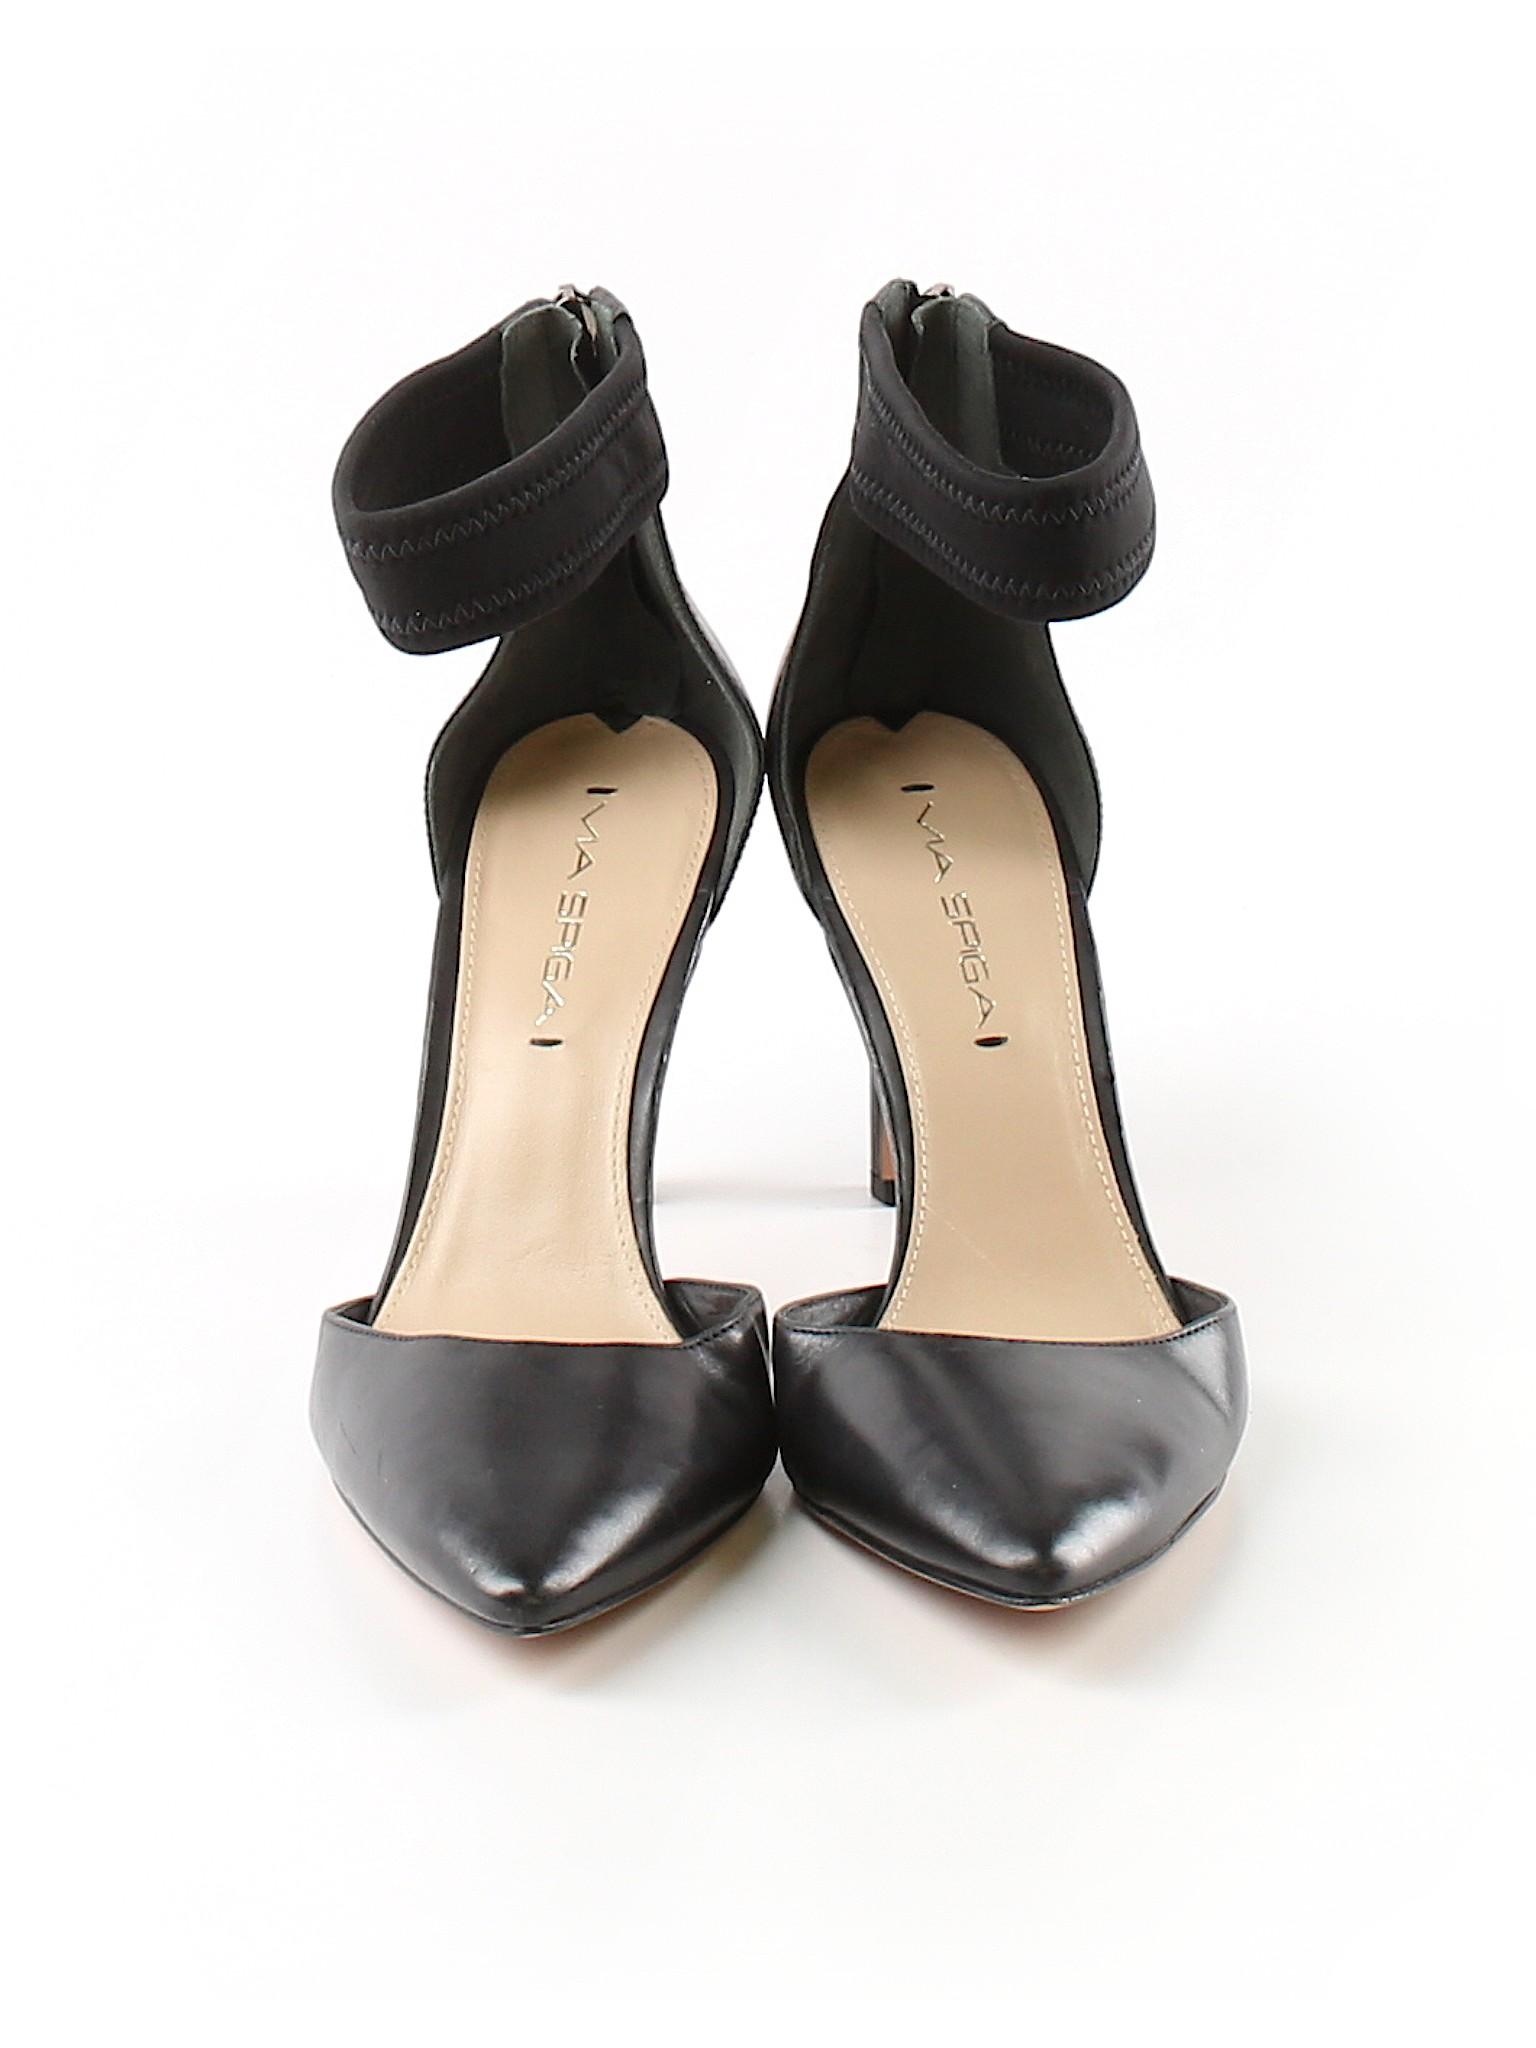 promotion Via Boutique Spiga promotion Heels Boutique gxgYFES